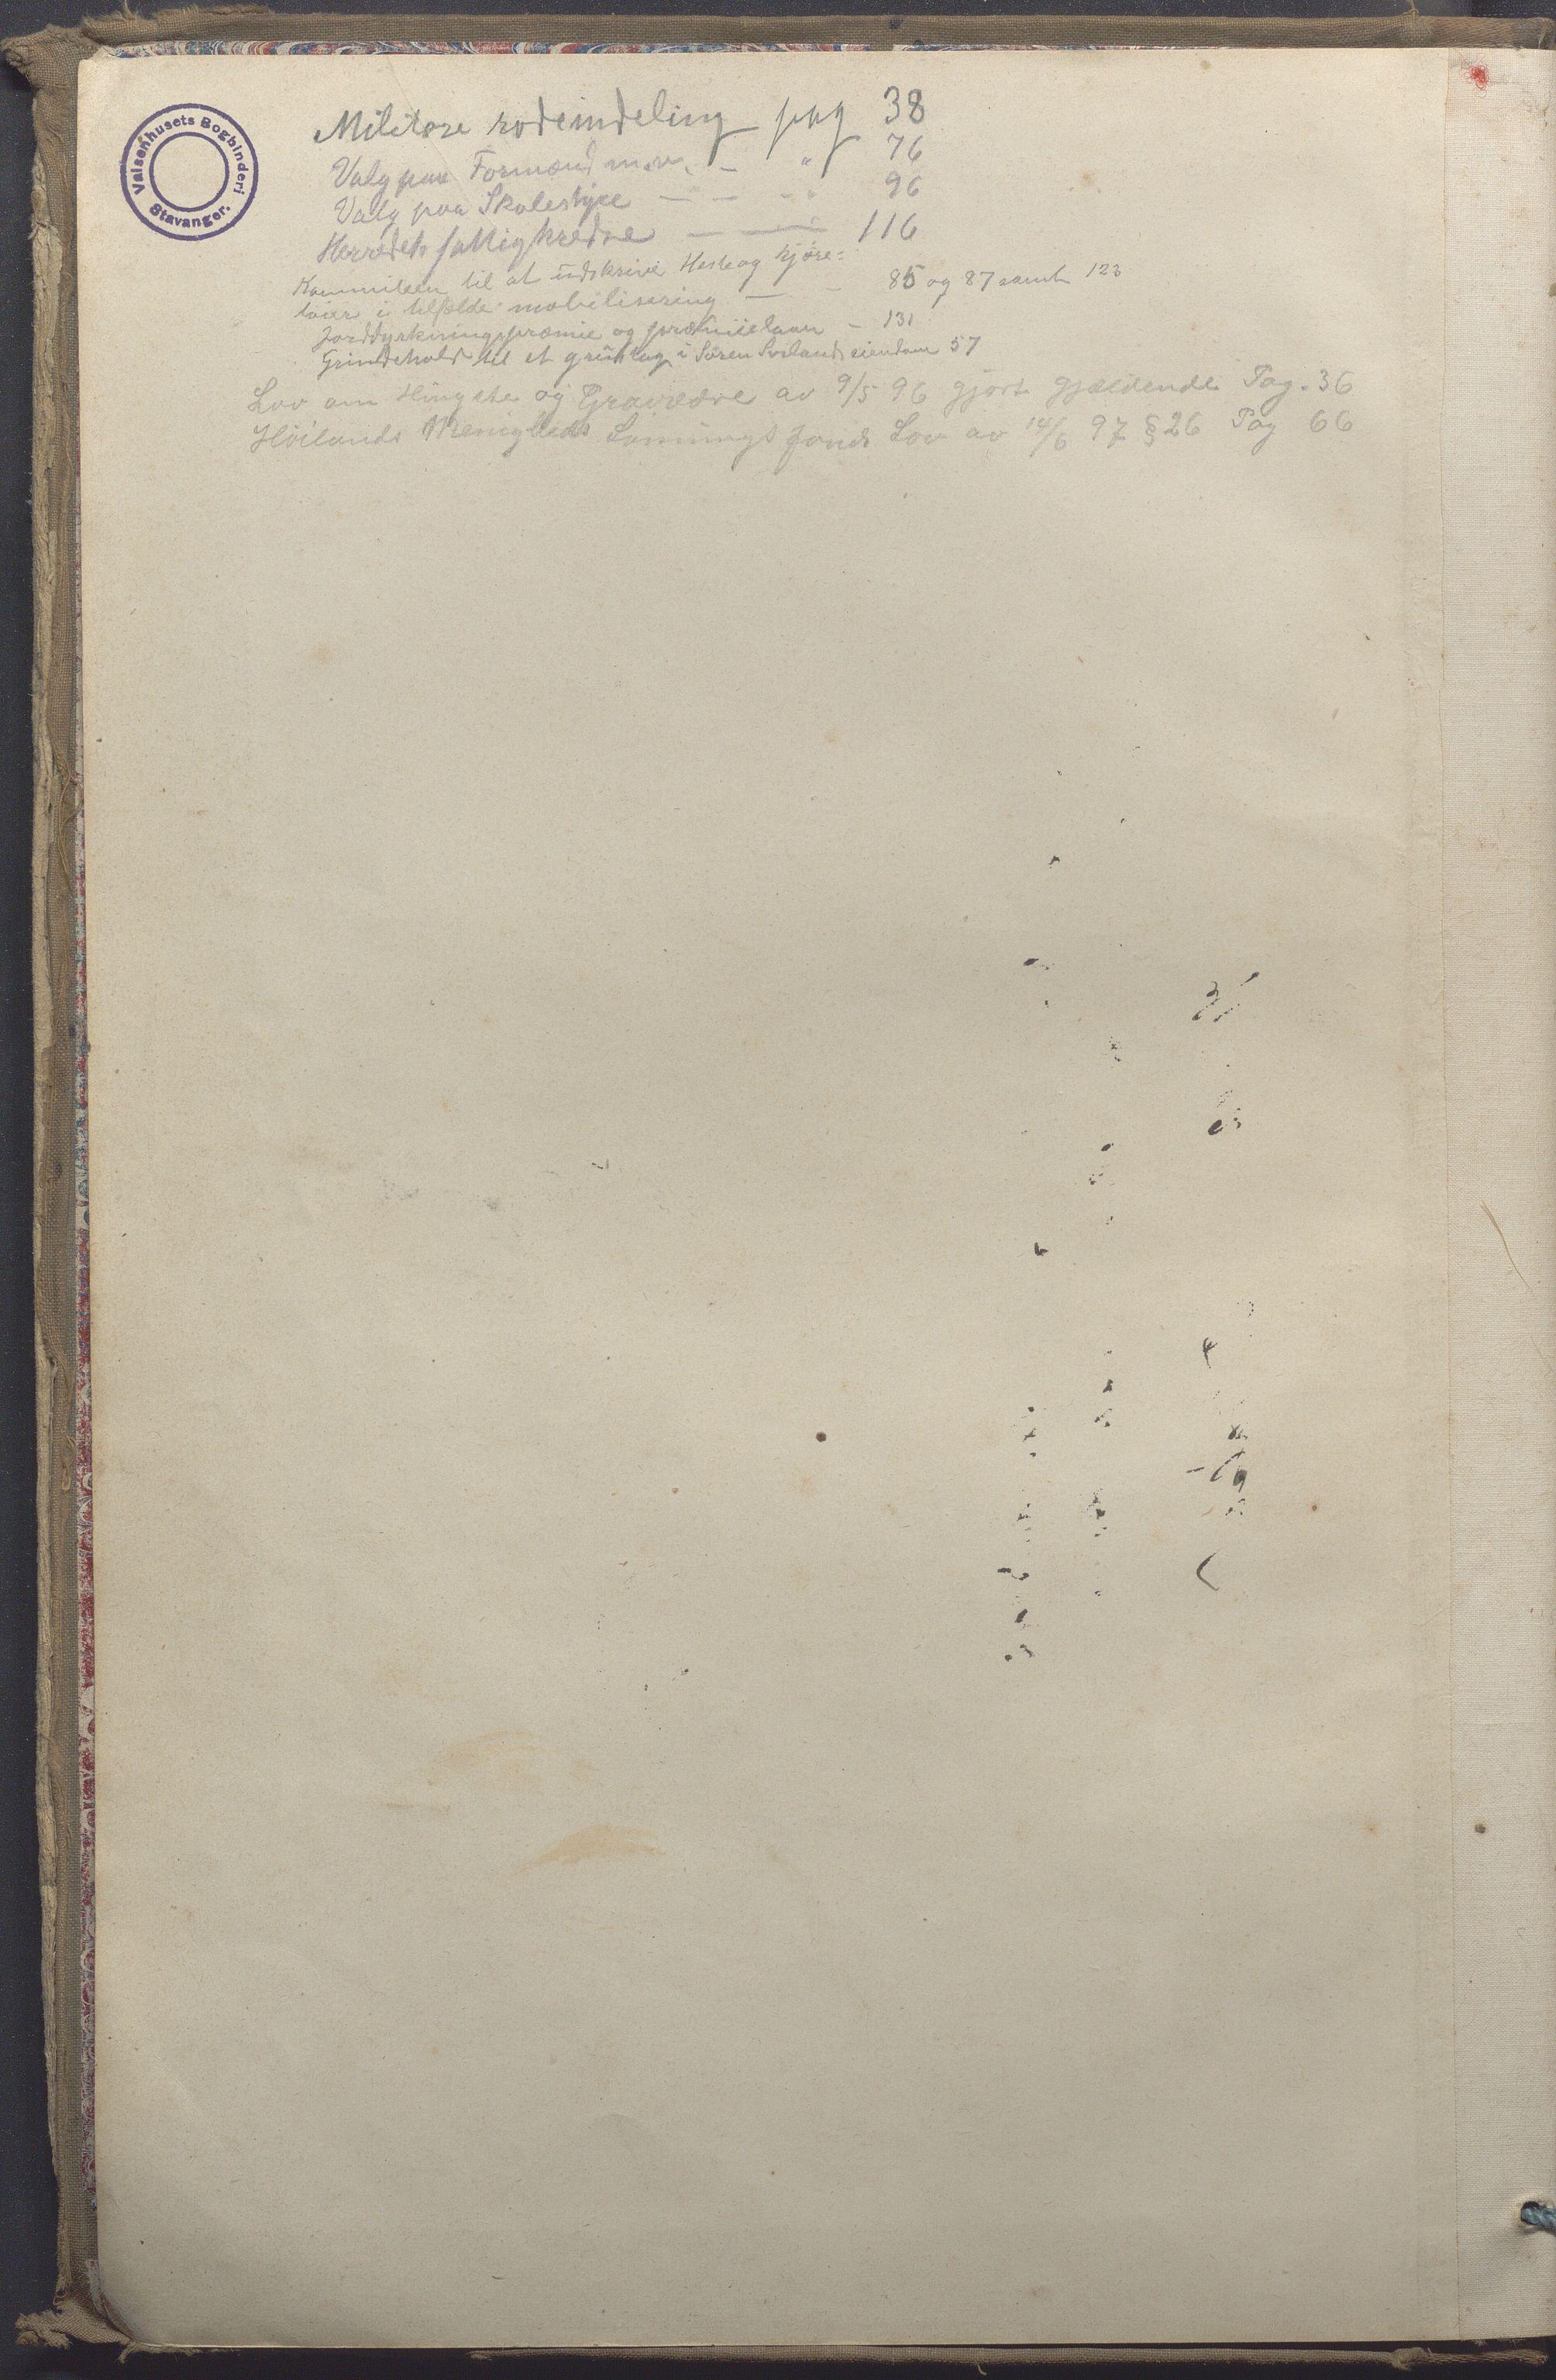 IKAR, Høyland kommune - Formannskapet, Aa/L0004: Møtebok, 1895-1904